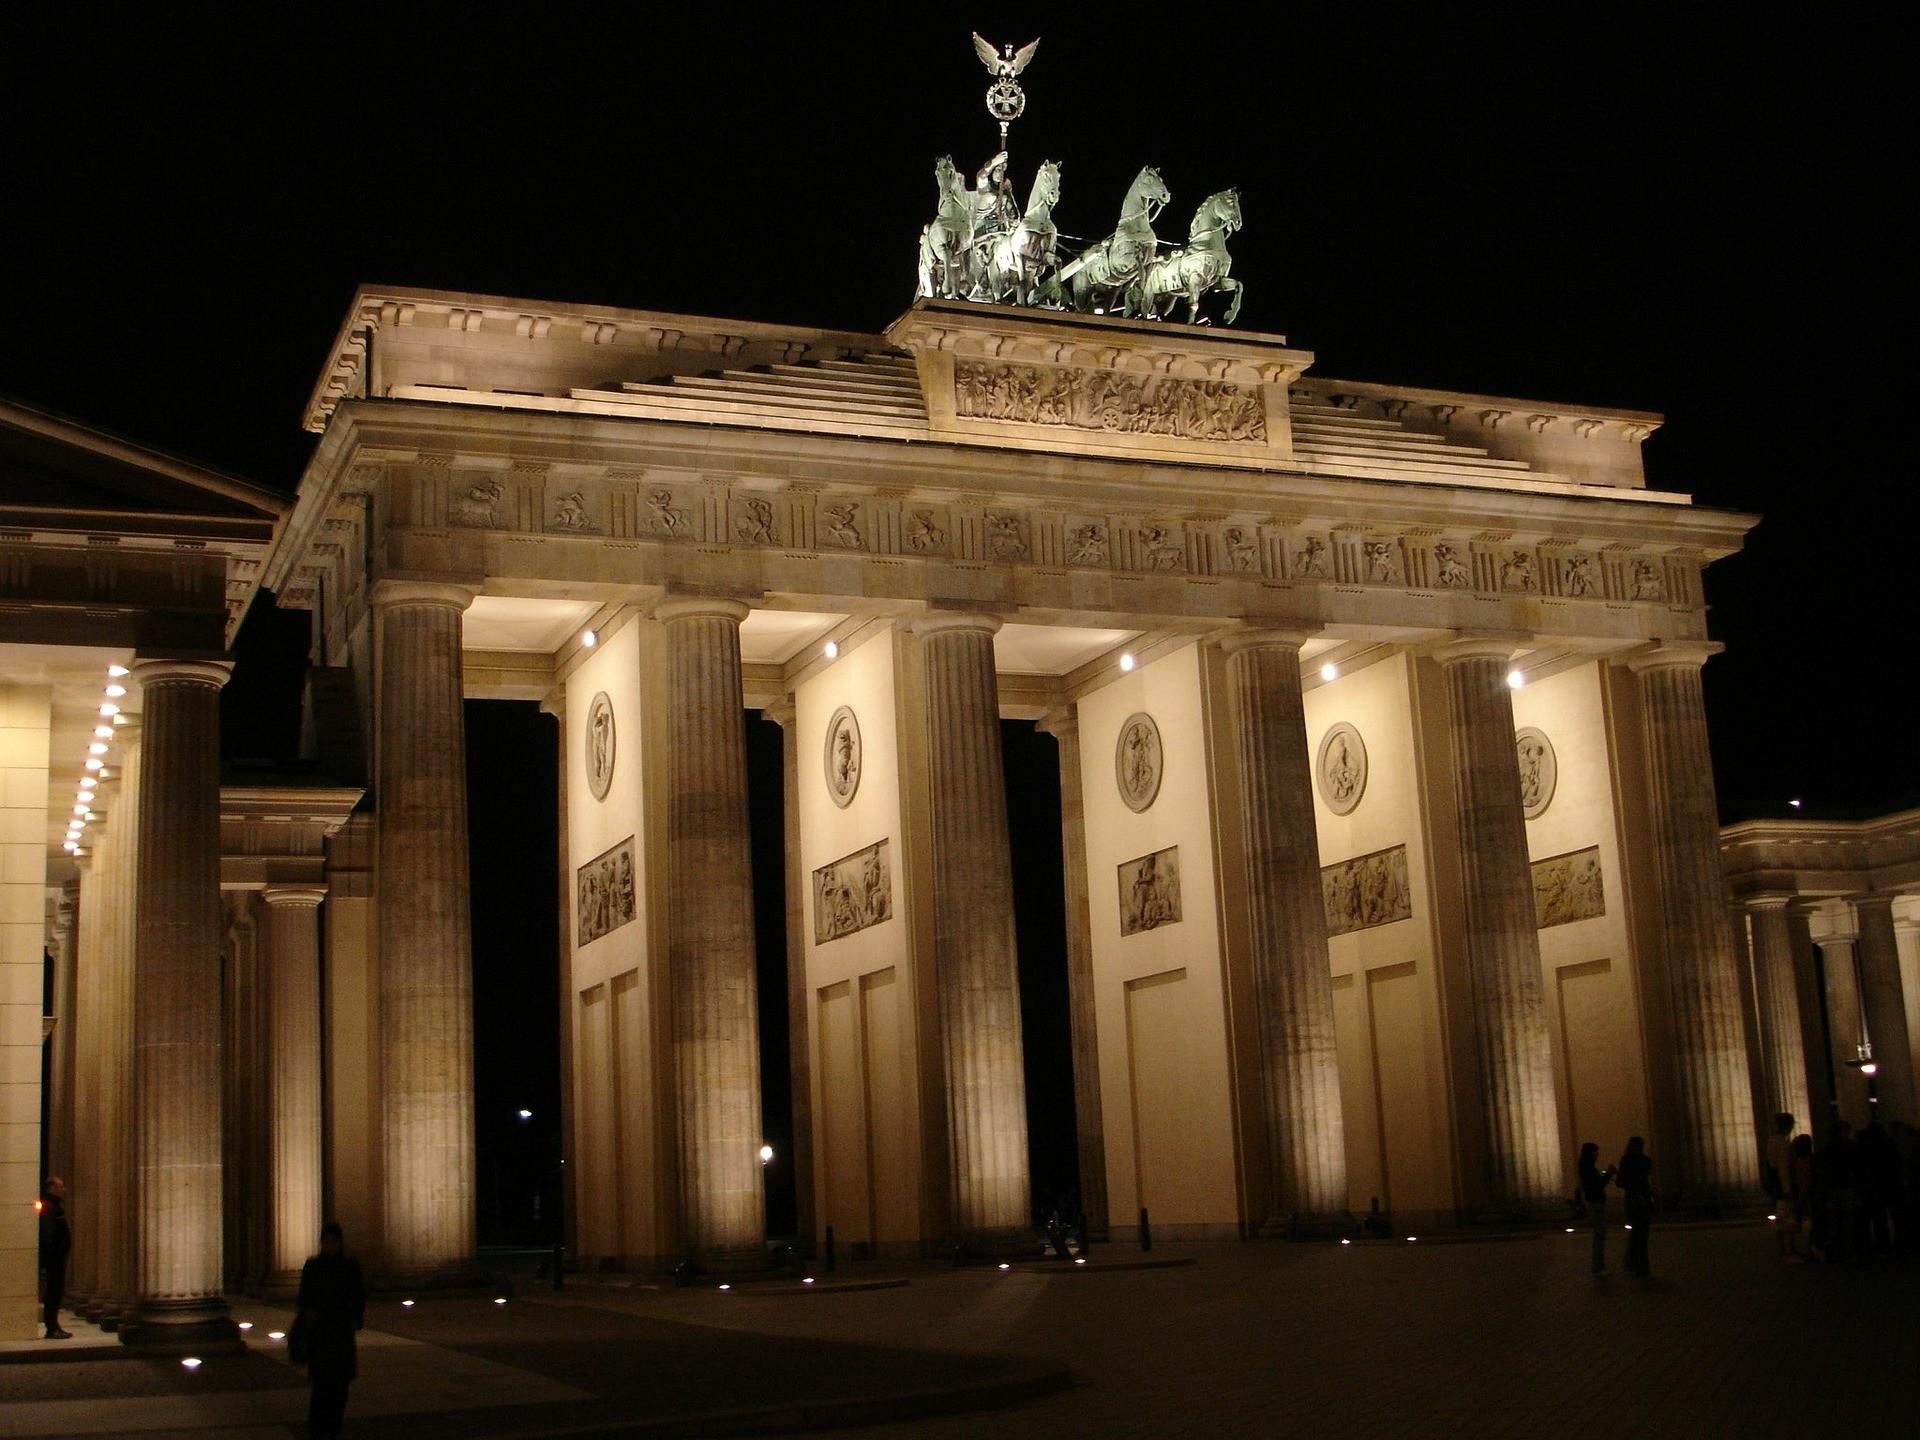 Berlino cosa vedere: Porta di Brandeburgo, Berlino - Foto di Hans Braxmeier